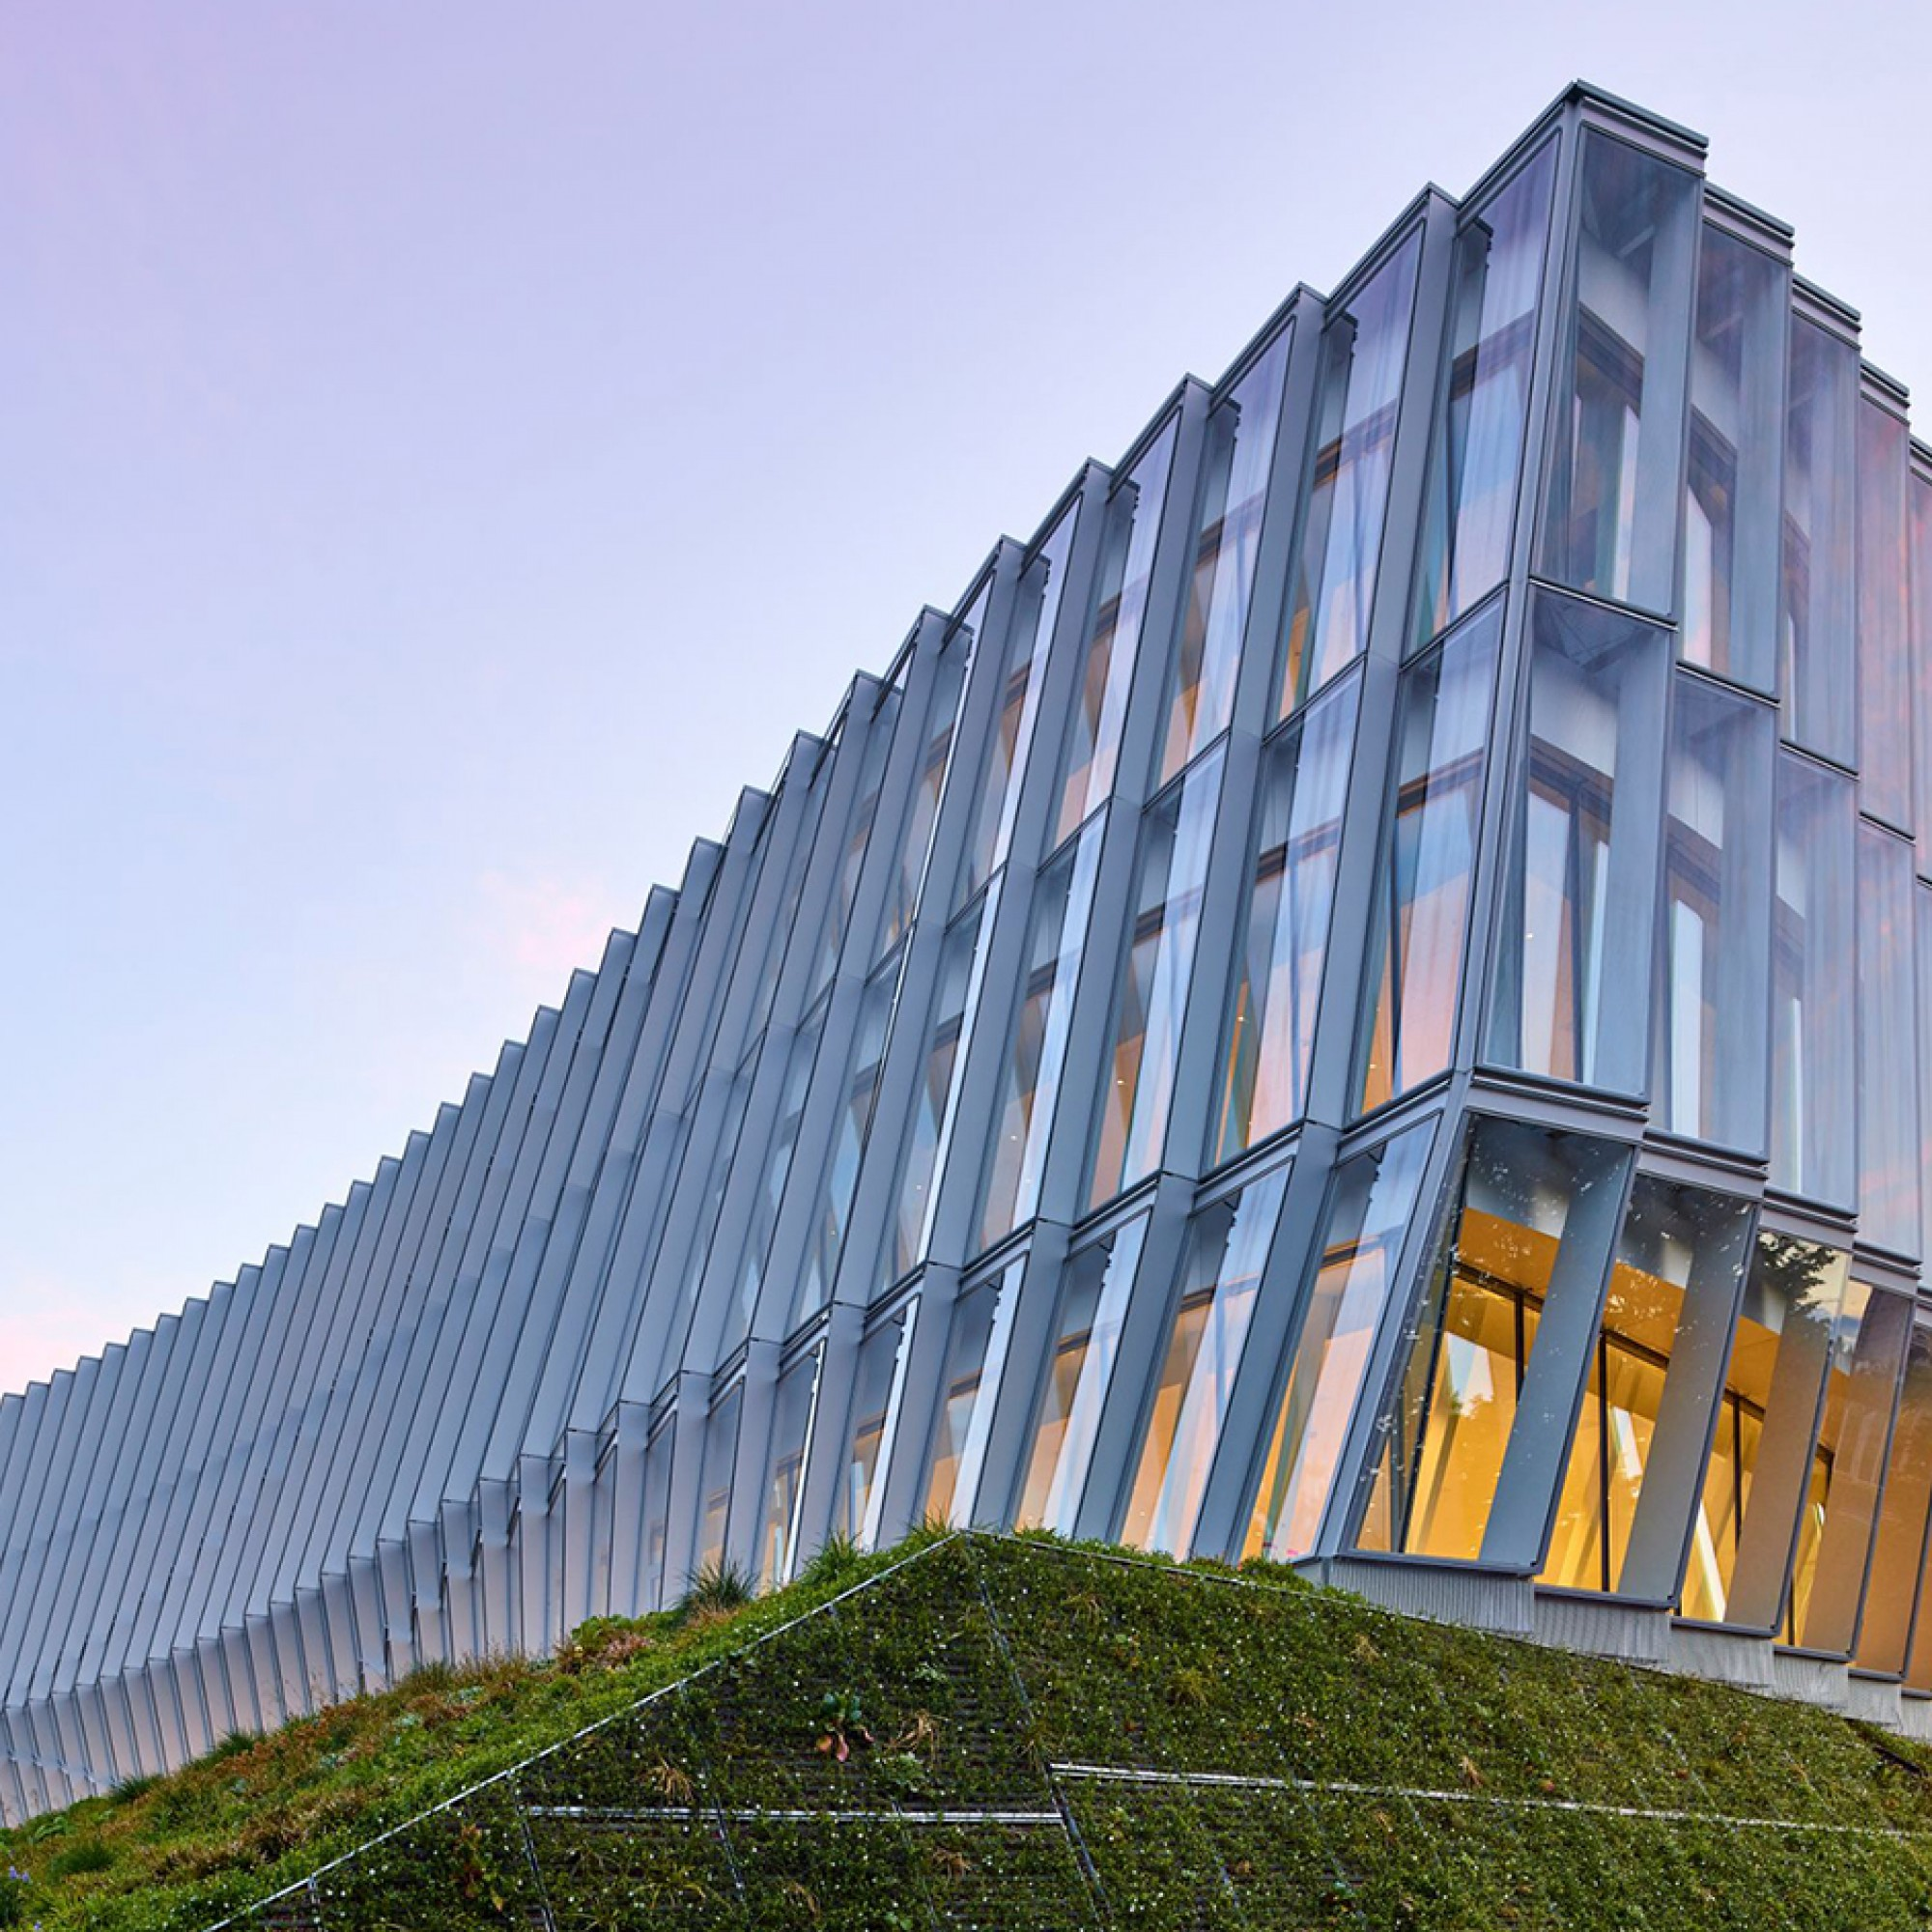 Das «Olympic House» wurde vom dänischen Büro 3XN in Zusammenarbeit mit den Lausanner Architekten «Itten+Brechbühl» entworfen.